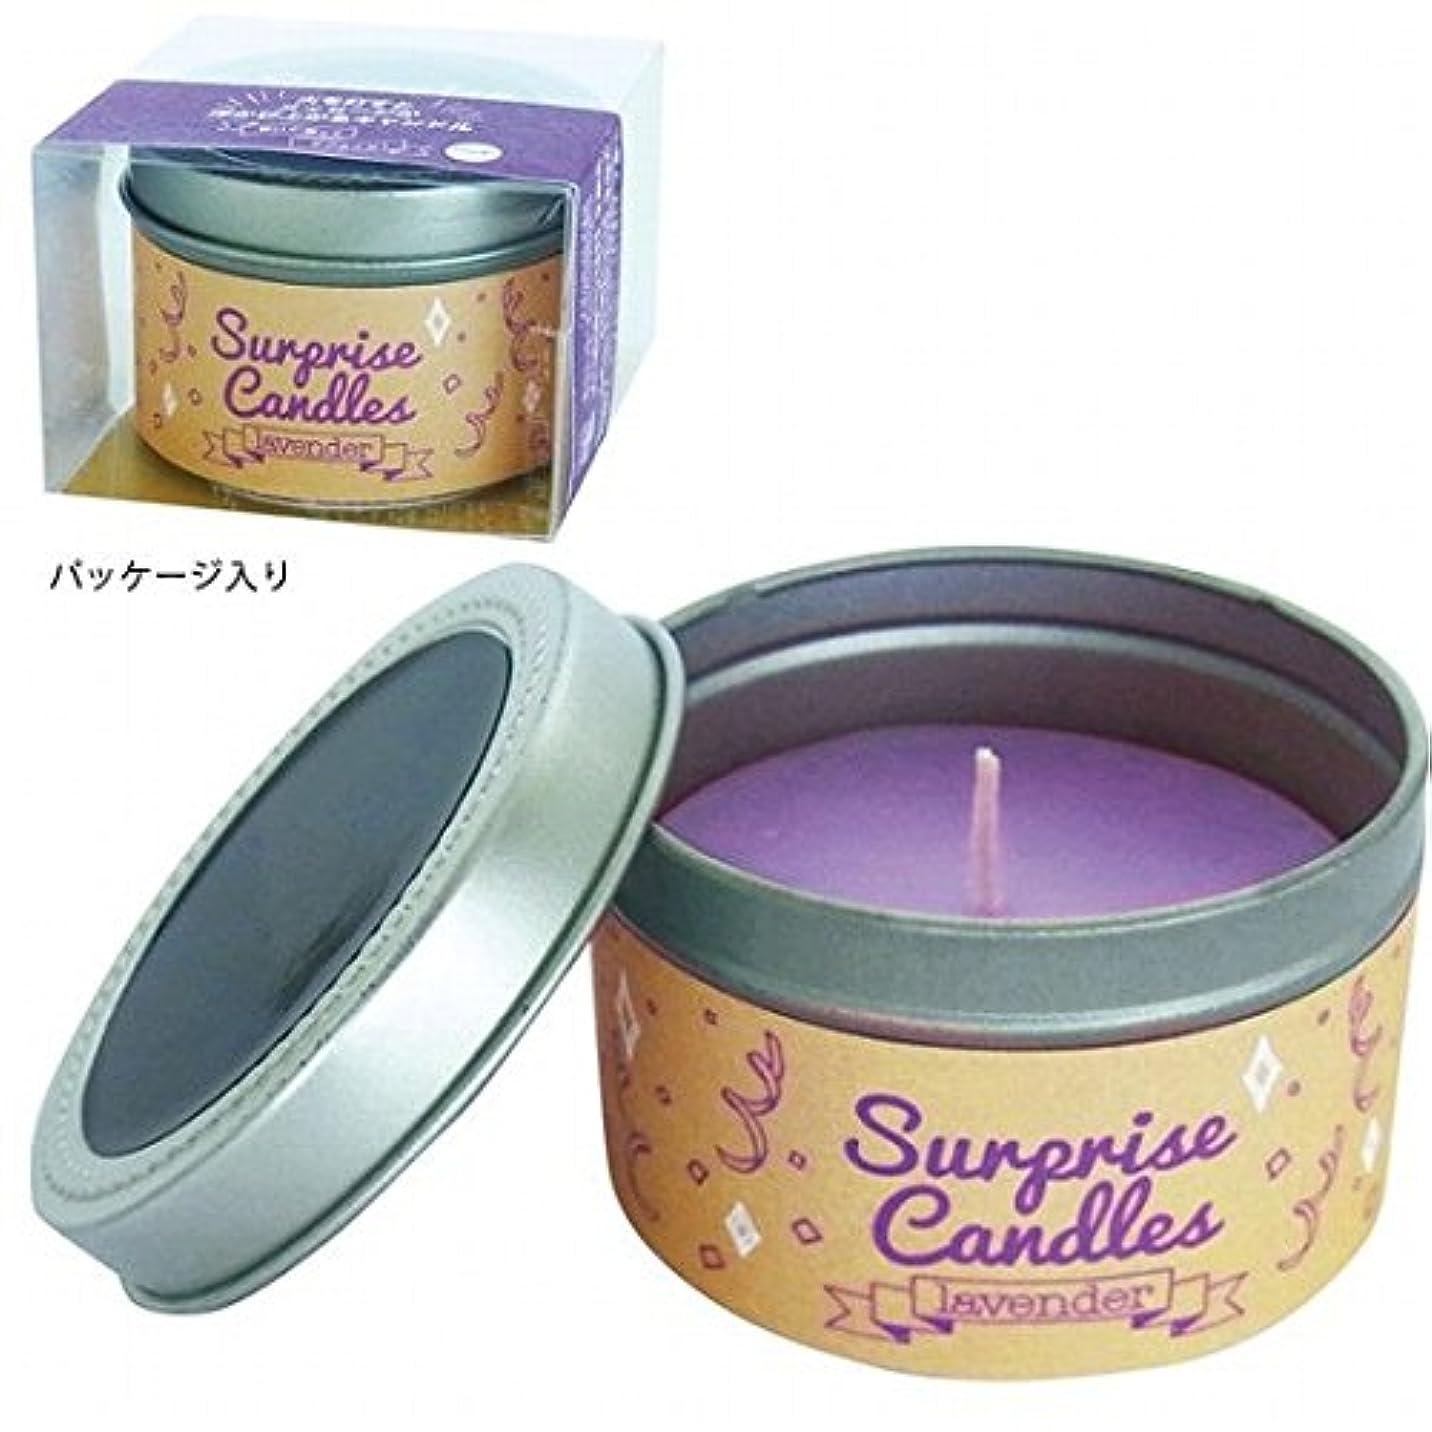 種類暗くするハイジャックkameyama candle(カメヤマキャンドル) サプライズキャンドル 「ラベンダー」(A207005020)